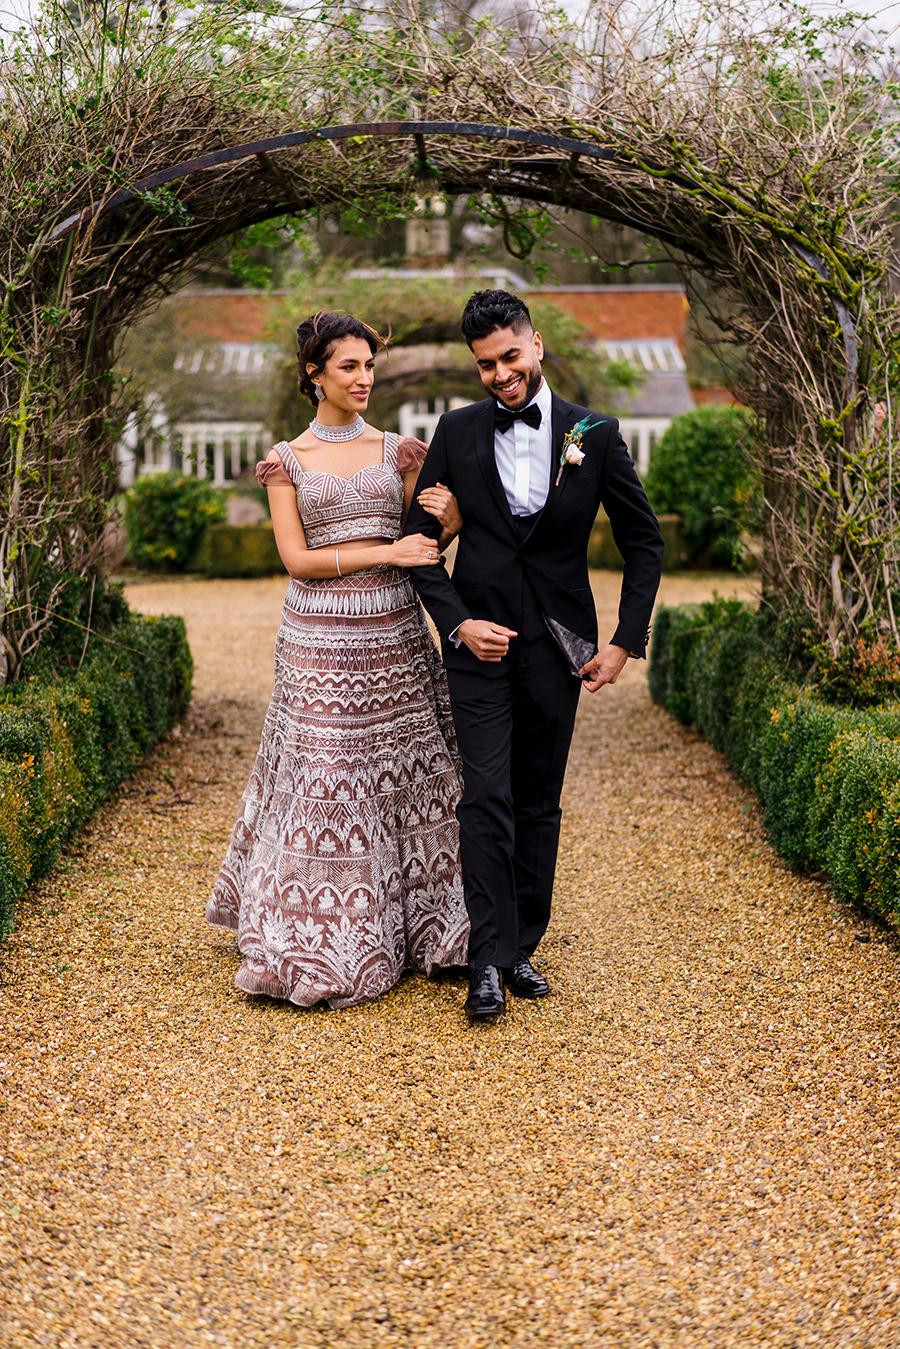 Ivory Events Stapleford Park wedding styled shoot (31)